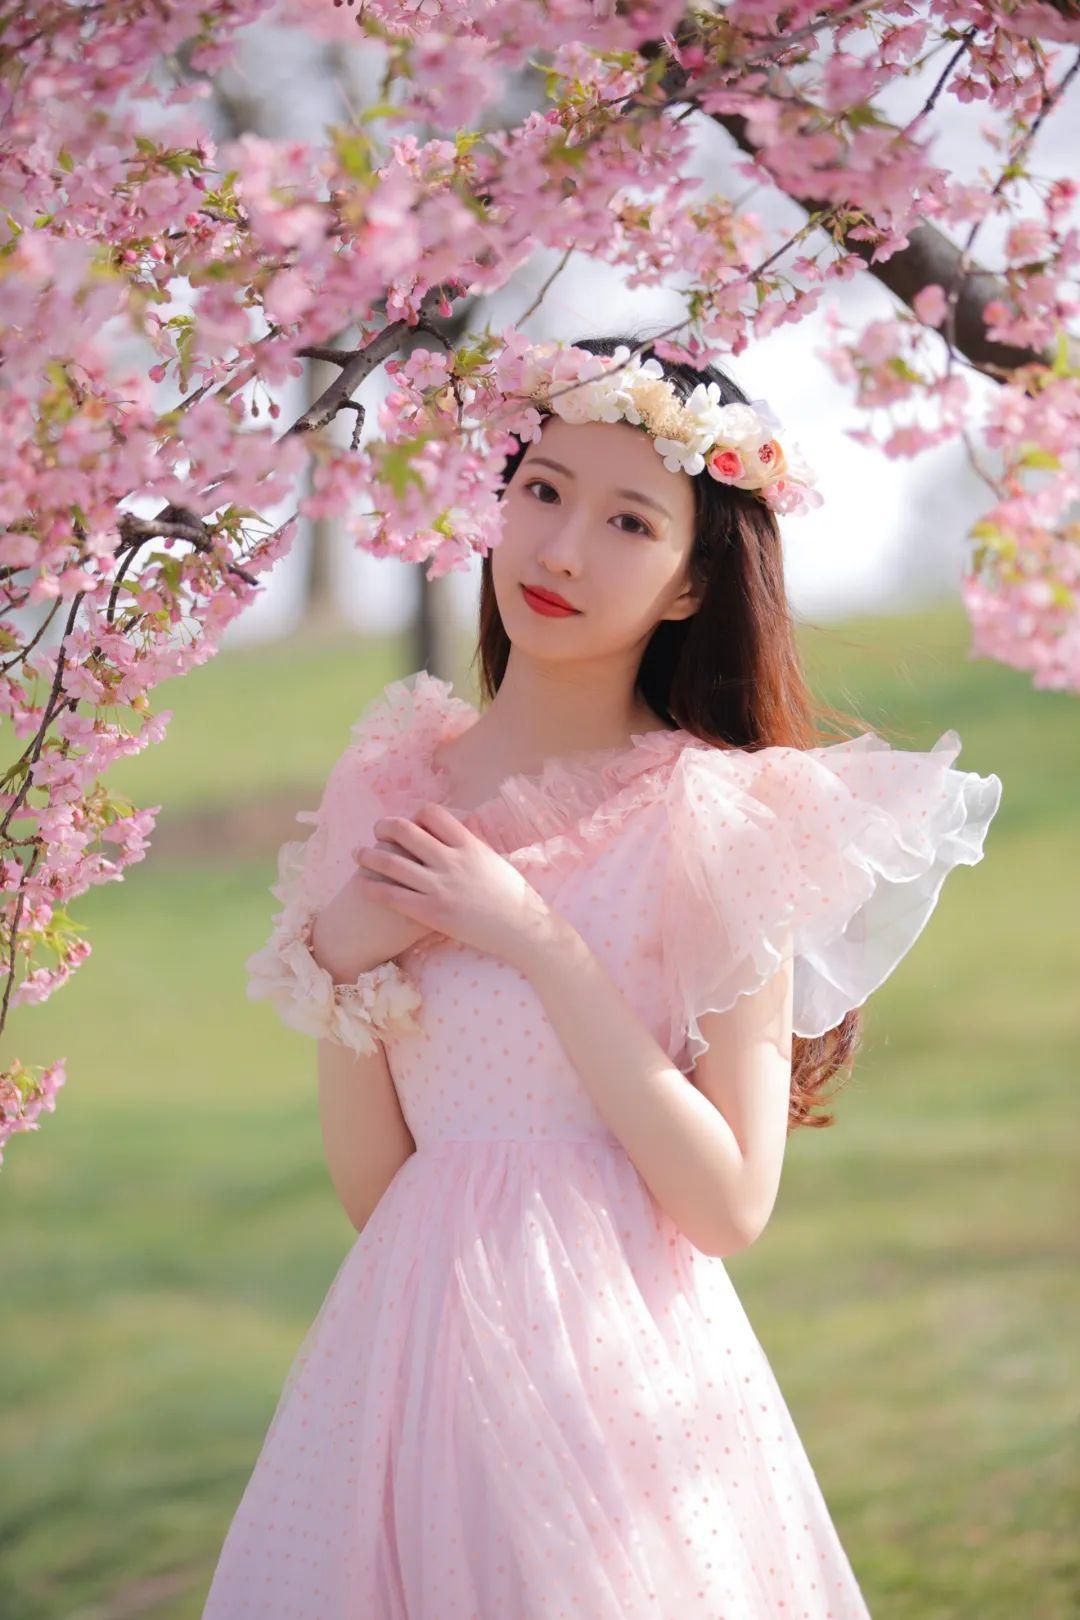 妹子摄影 – 粉粉的日系少女樱花树下写真_图片 No.29